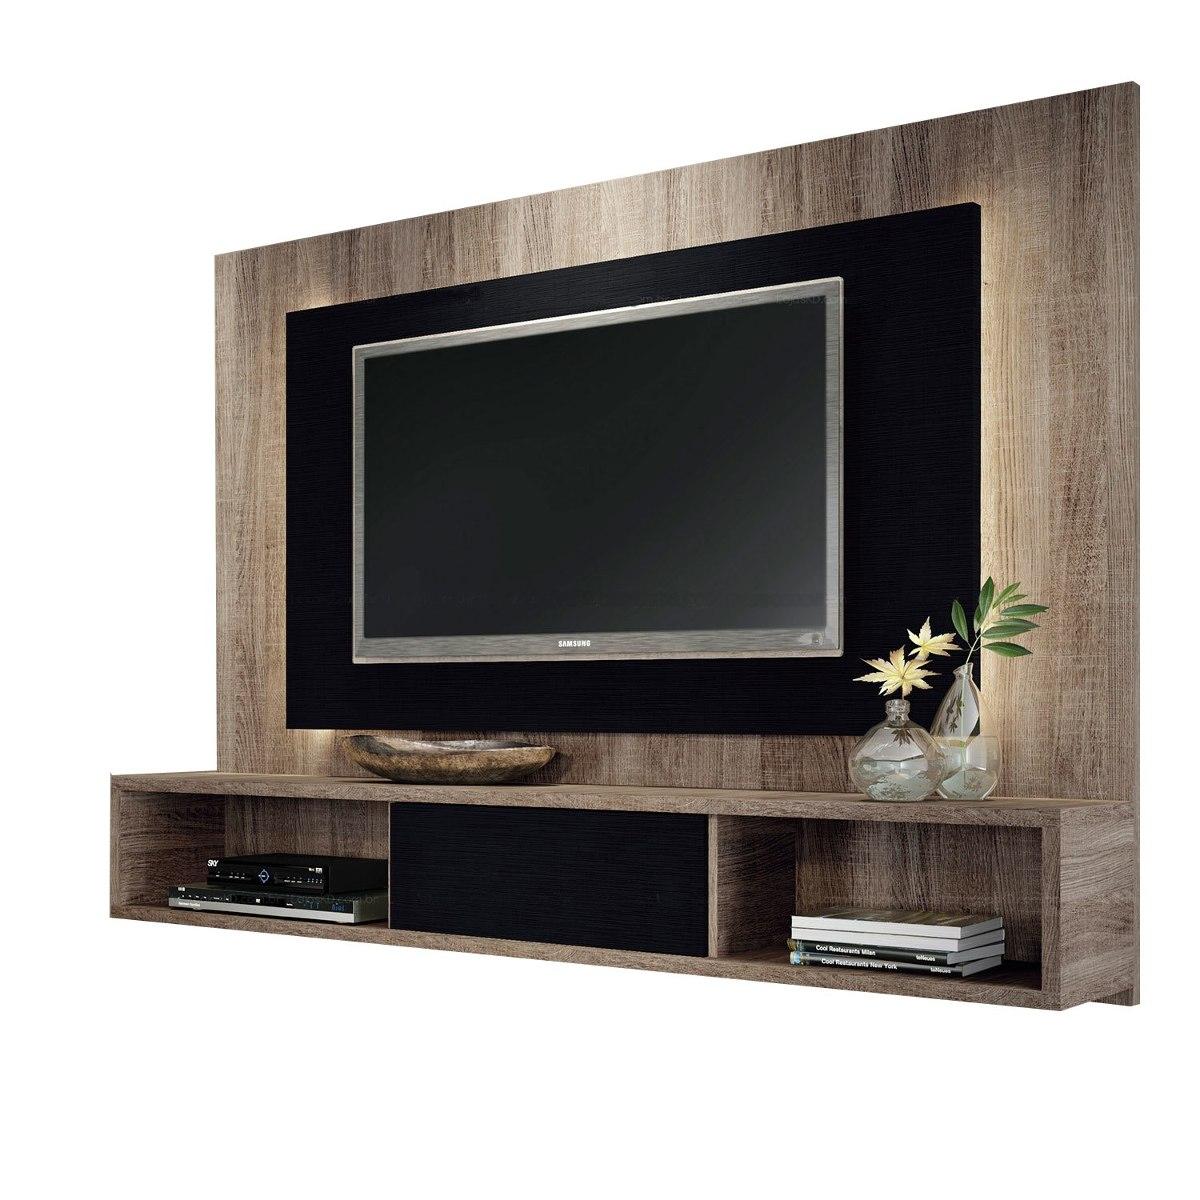 Centro De Entretenimiento - Panel De Tv Con Marco - $ 3,790.00 en ...